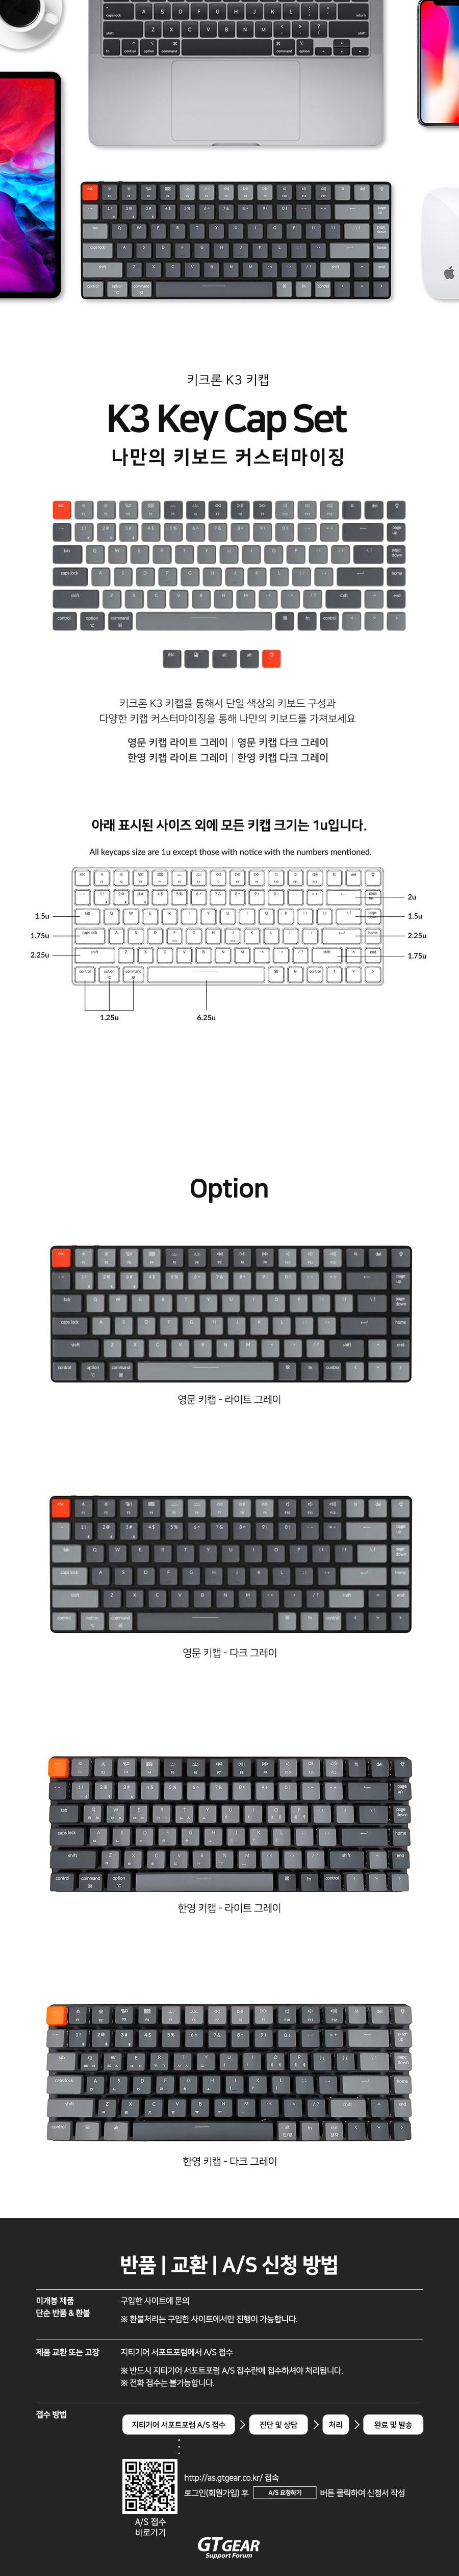 Keychron K3 V2용 키캡 영문 (라이트그레이)